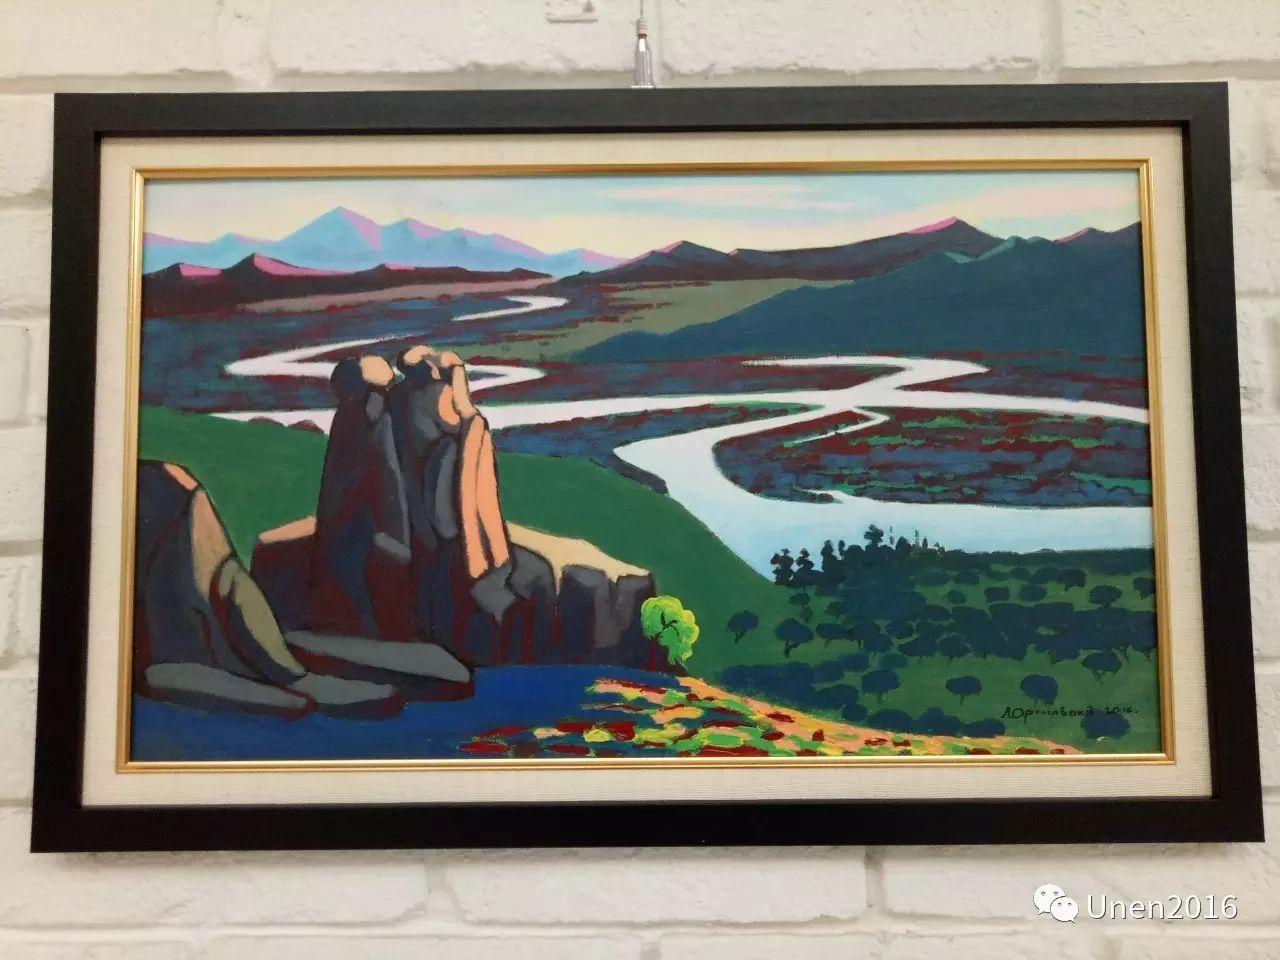 蒙古国画家傲日格勒宝勒德的油画作品 第9张